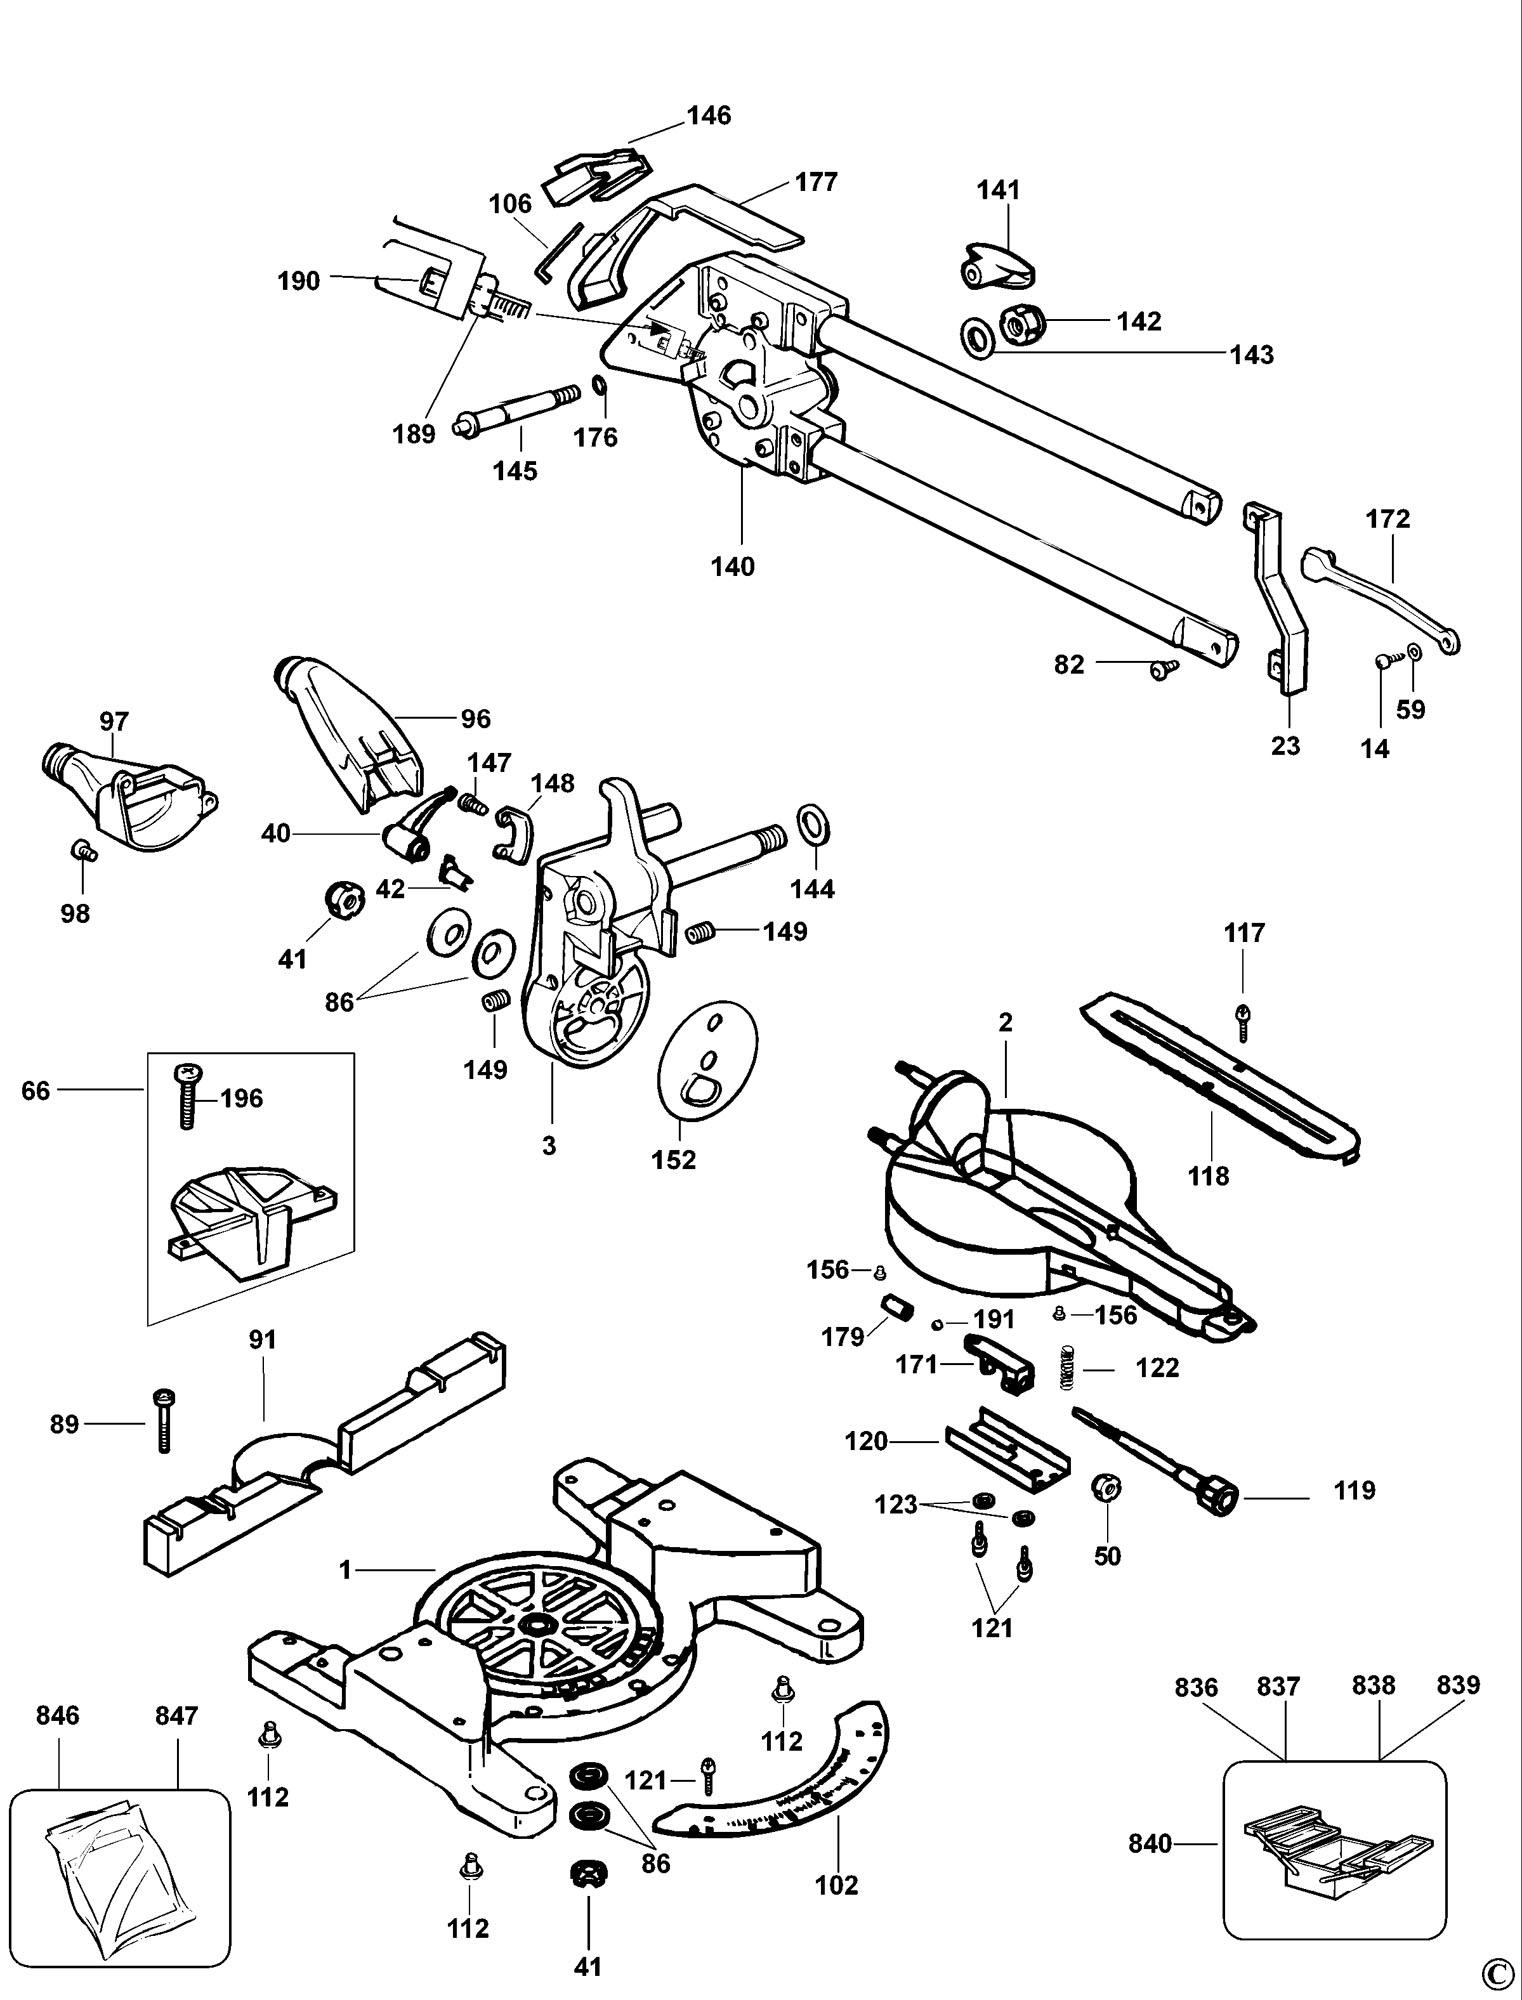 Spares For Dewalt Dw707 Mitre Saw Type 2 Spare Dw707